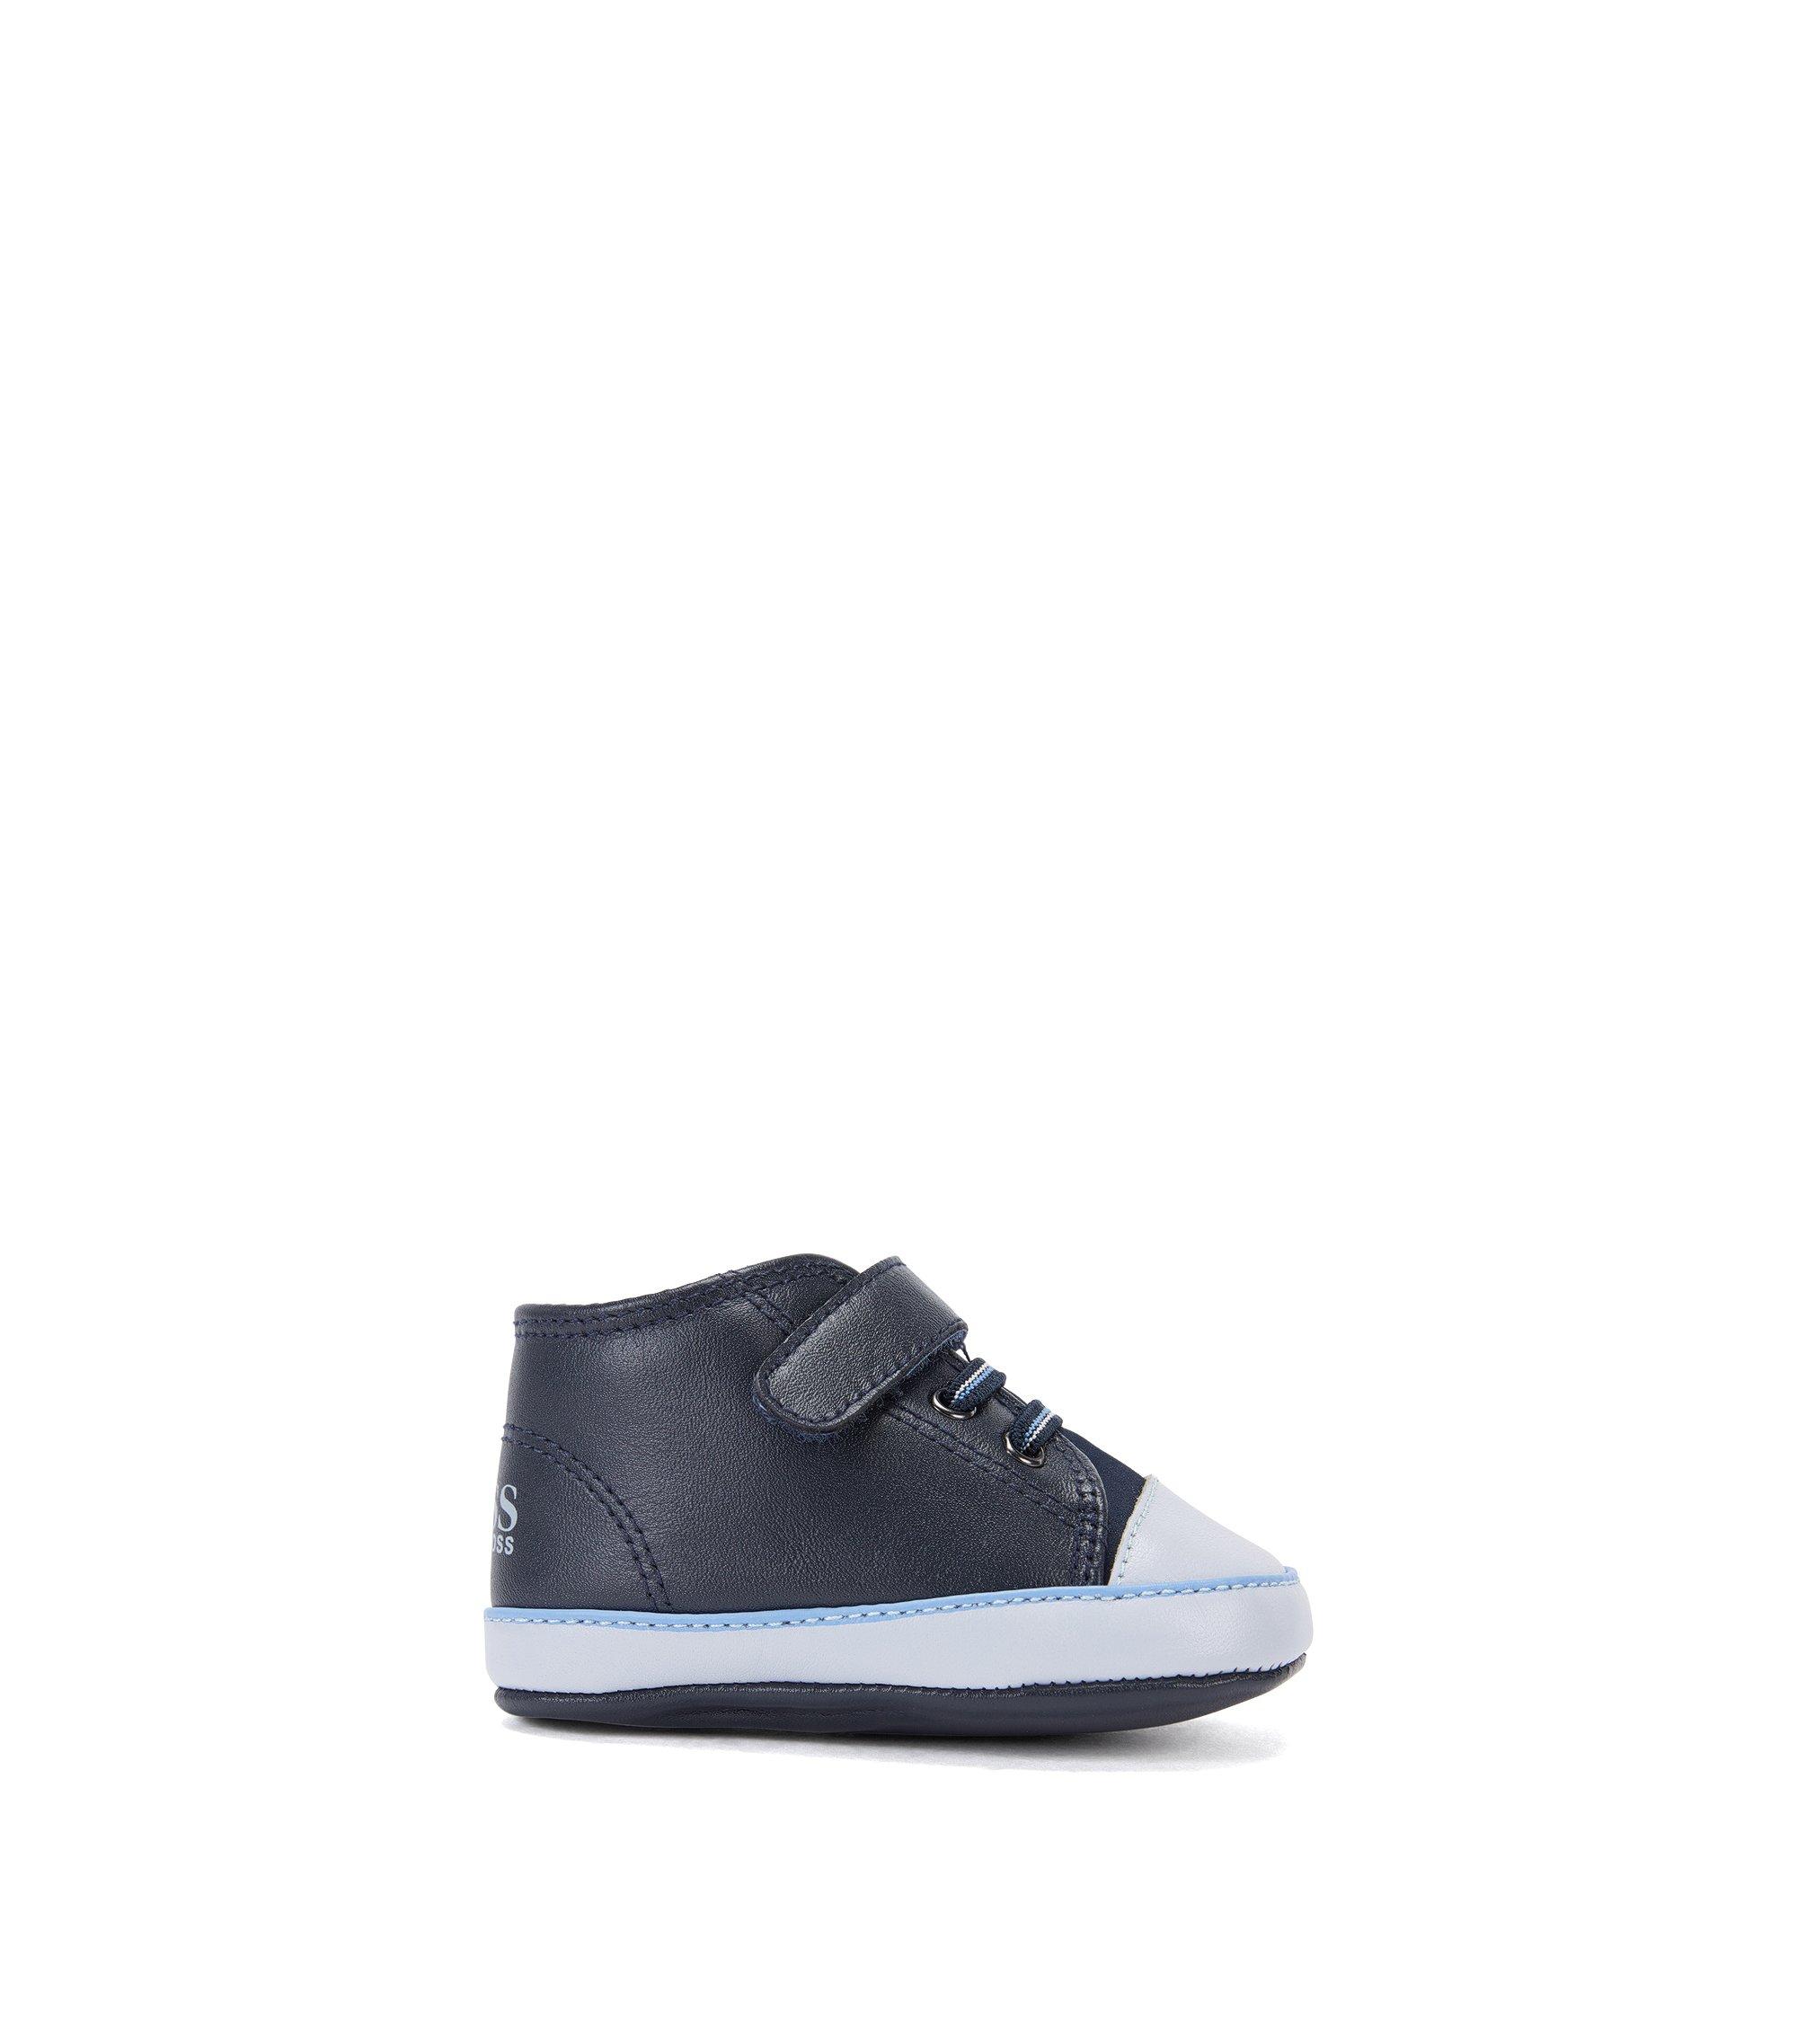 Baby-Schuhe aus Leder mit Klettverschluss: 'J99047', Dunkelblau